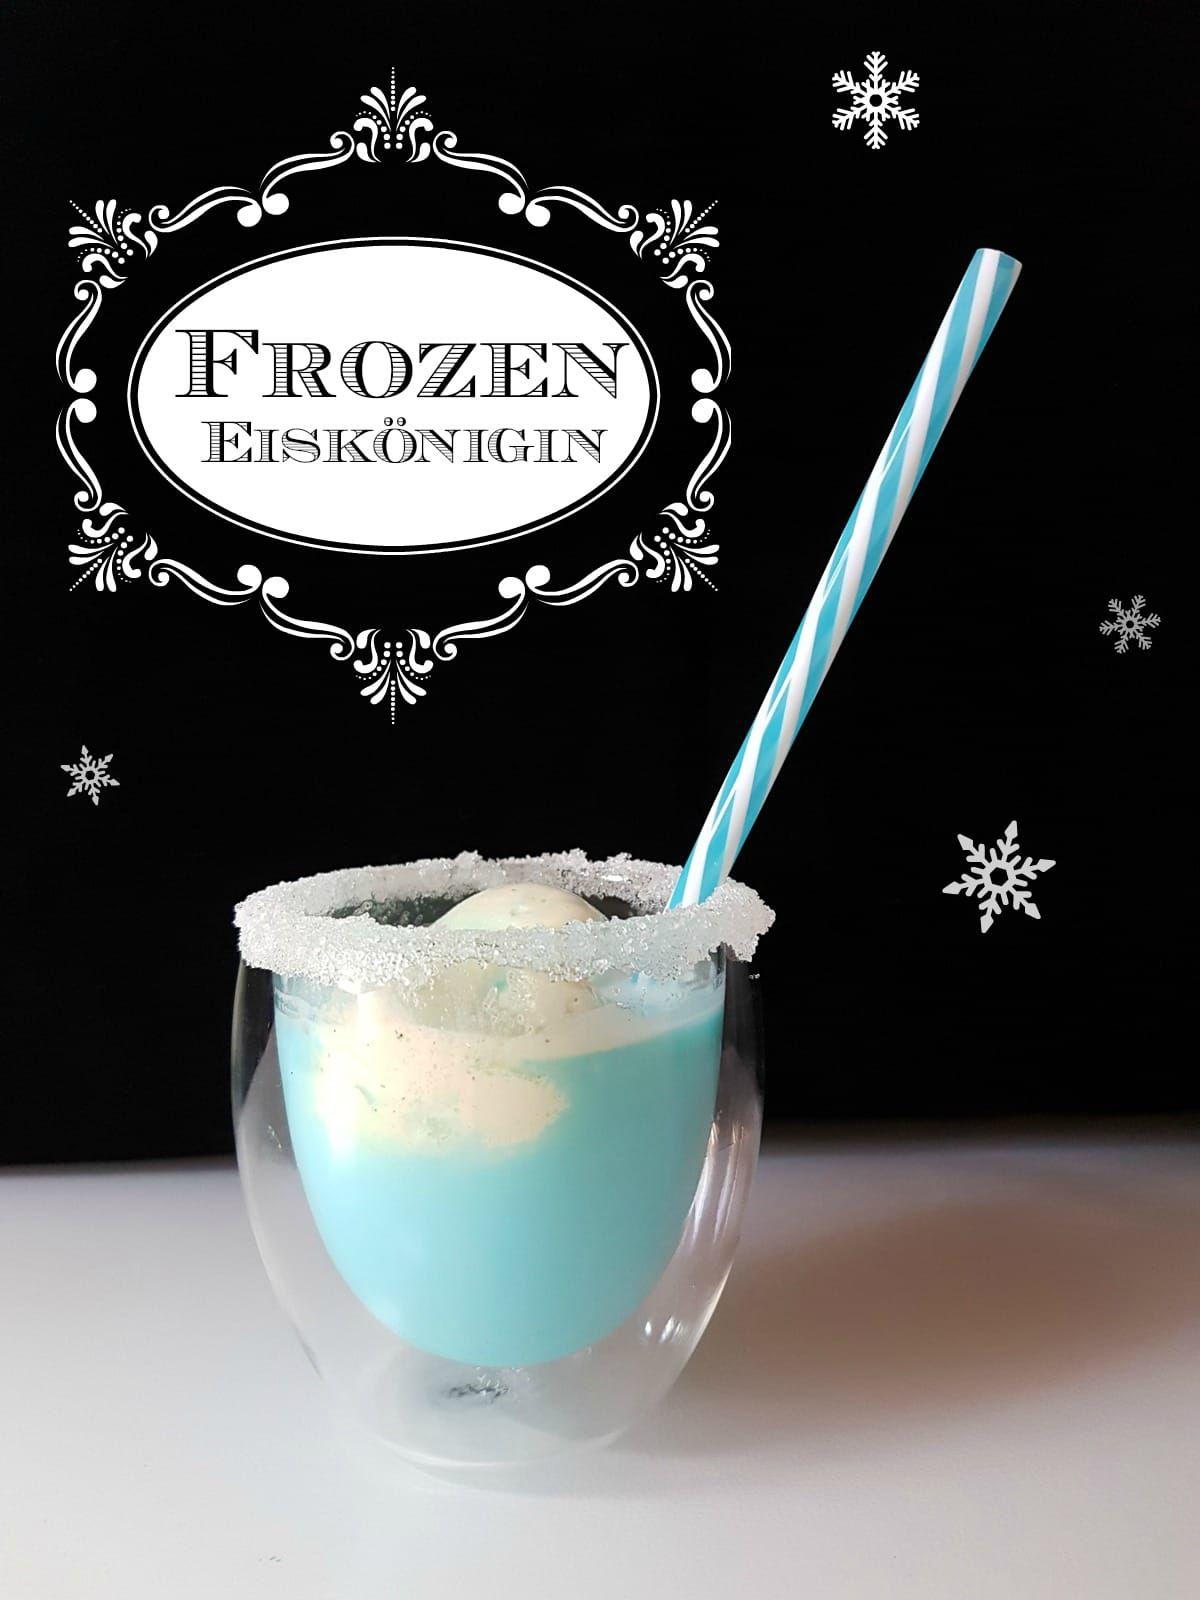 blauer kindercocktail frozen eisk nigin party rezept f r kinder kindergeburtstag. Black Bedroom Furniture Sets. Home Design Ideas